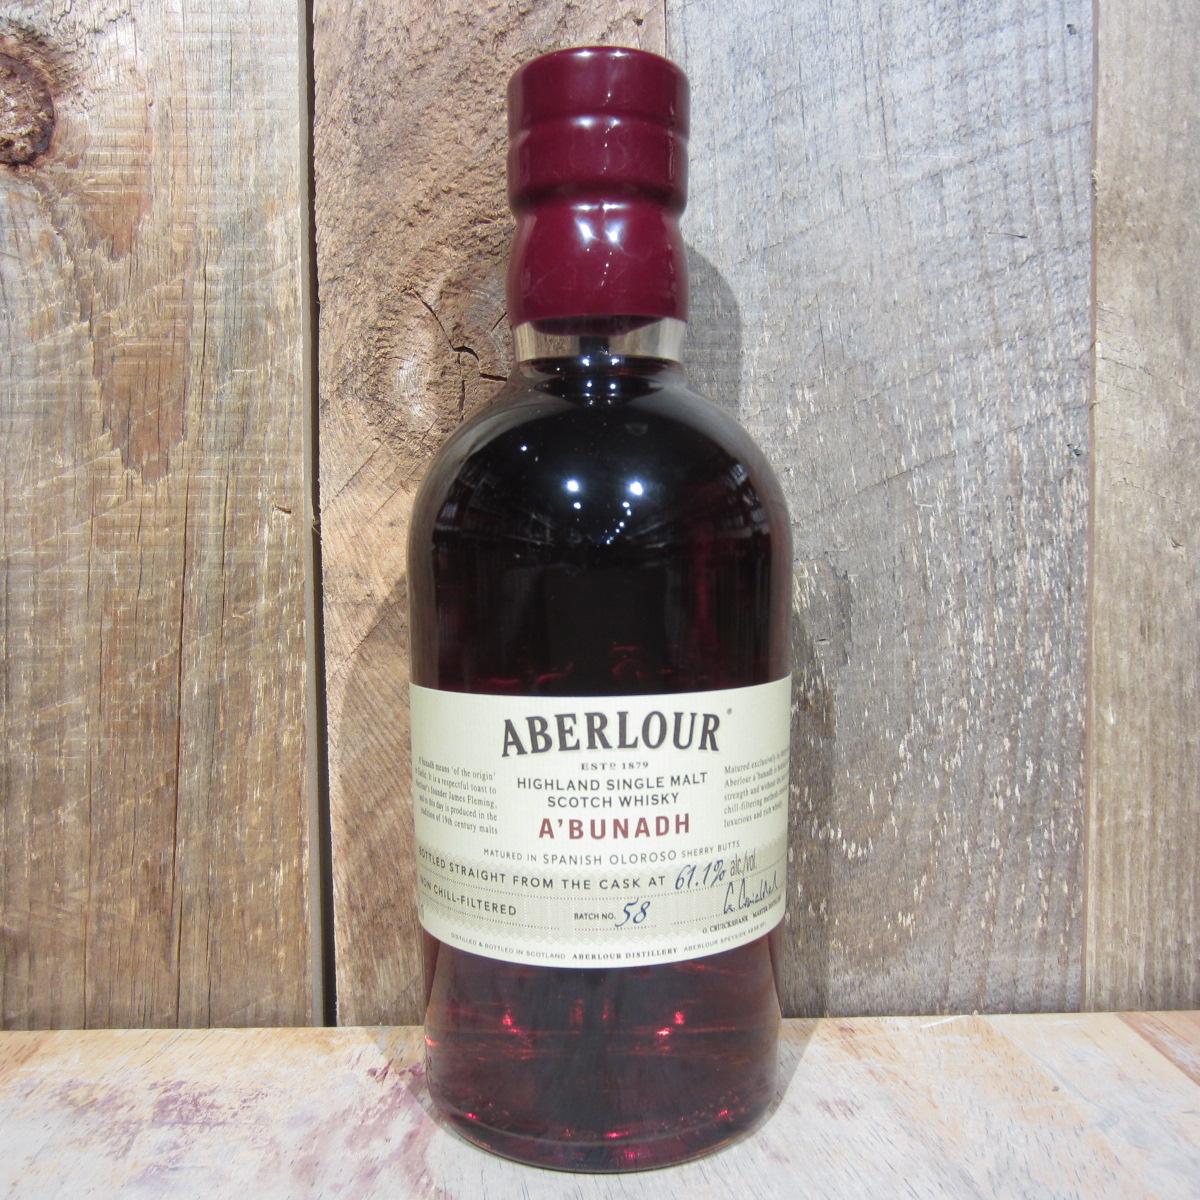 Aberlour Abunadh Scotch 750ml